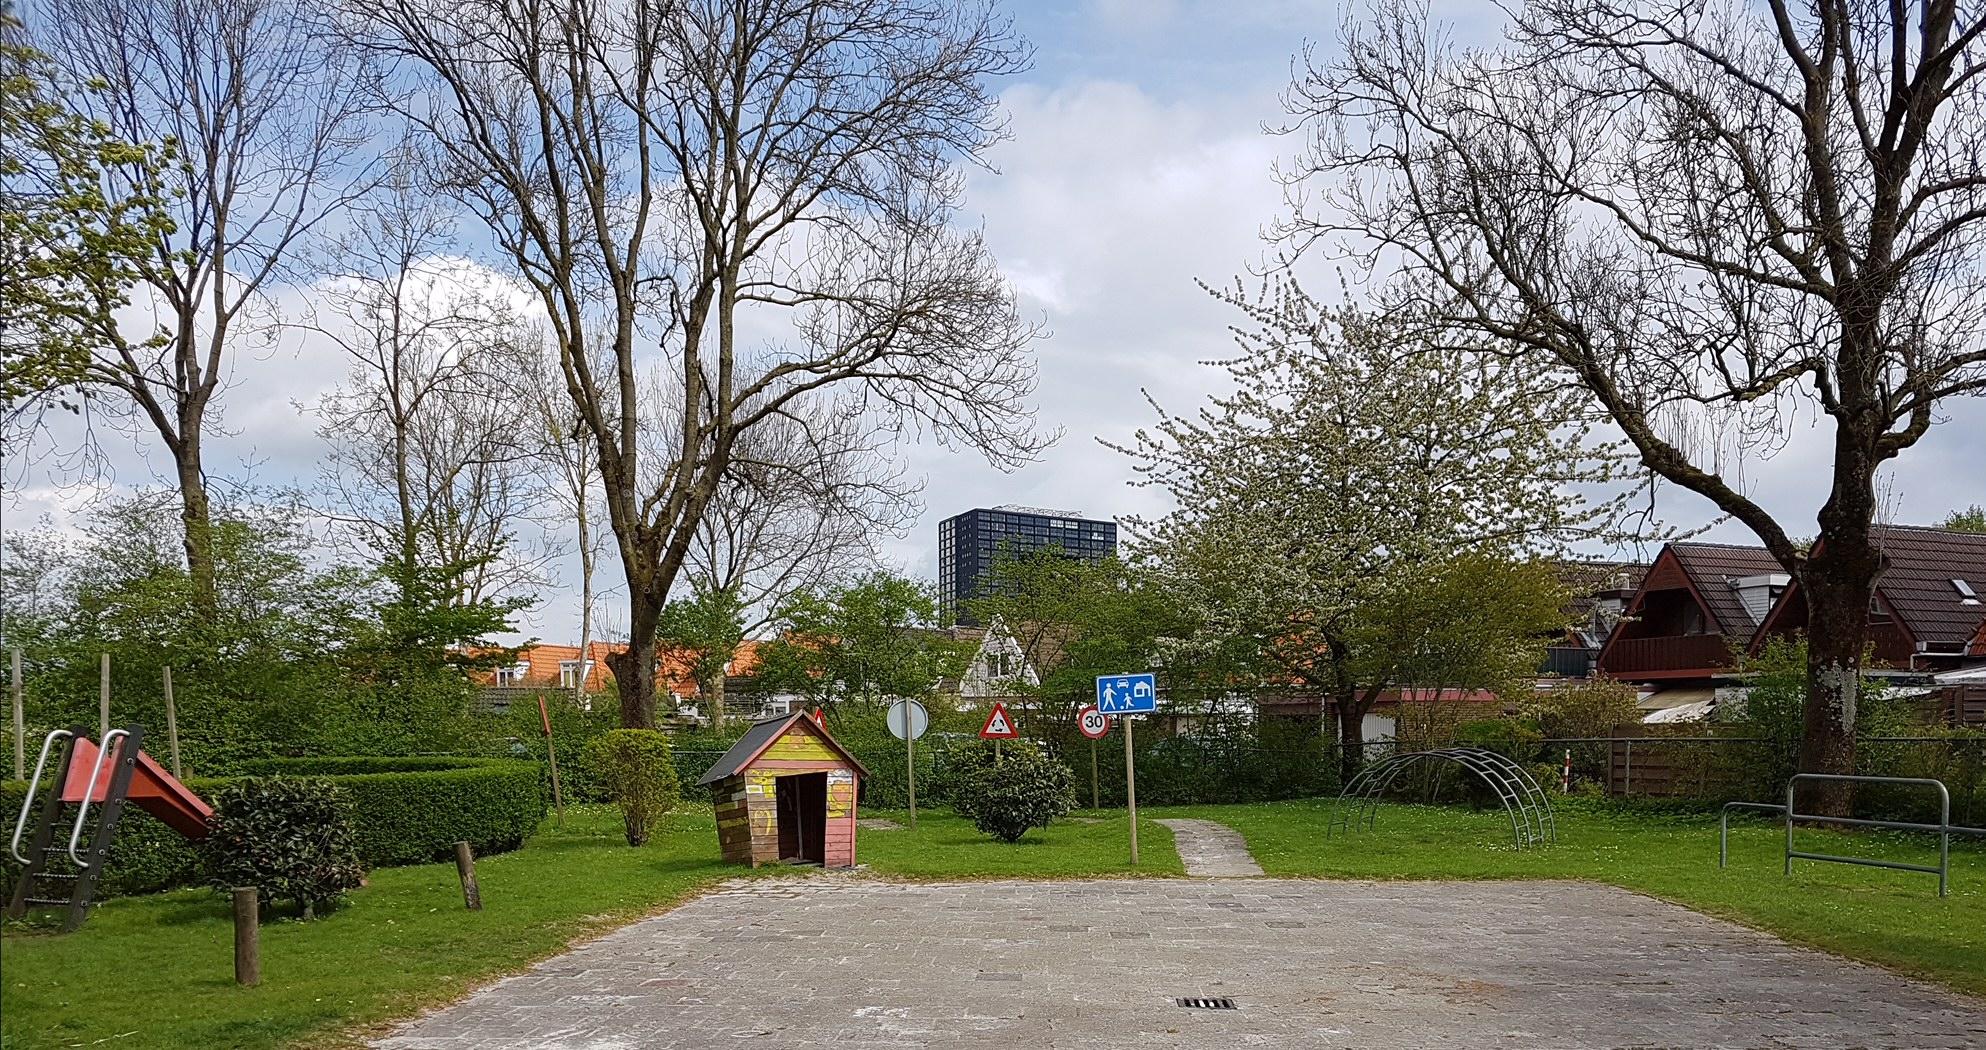 Alles Kids BSO Oosterparkwijk Groningen Kids First COP groep Groningen